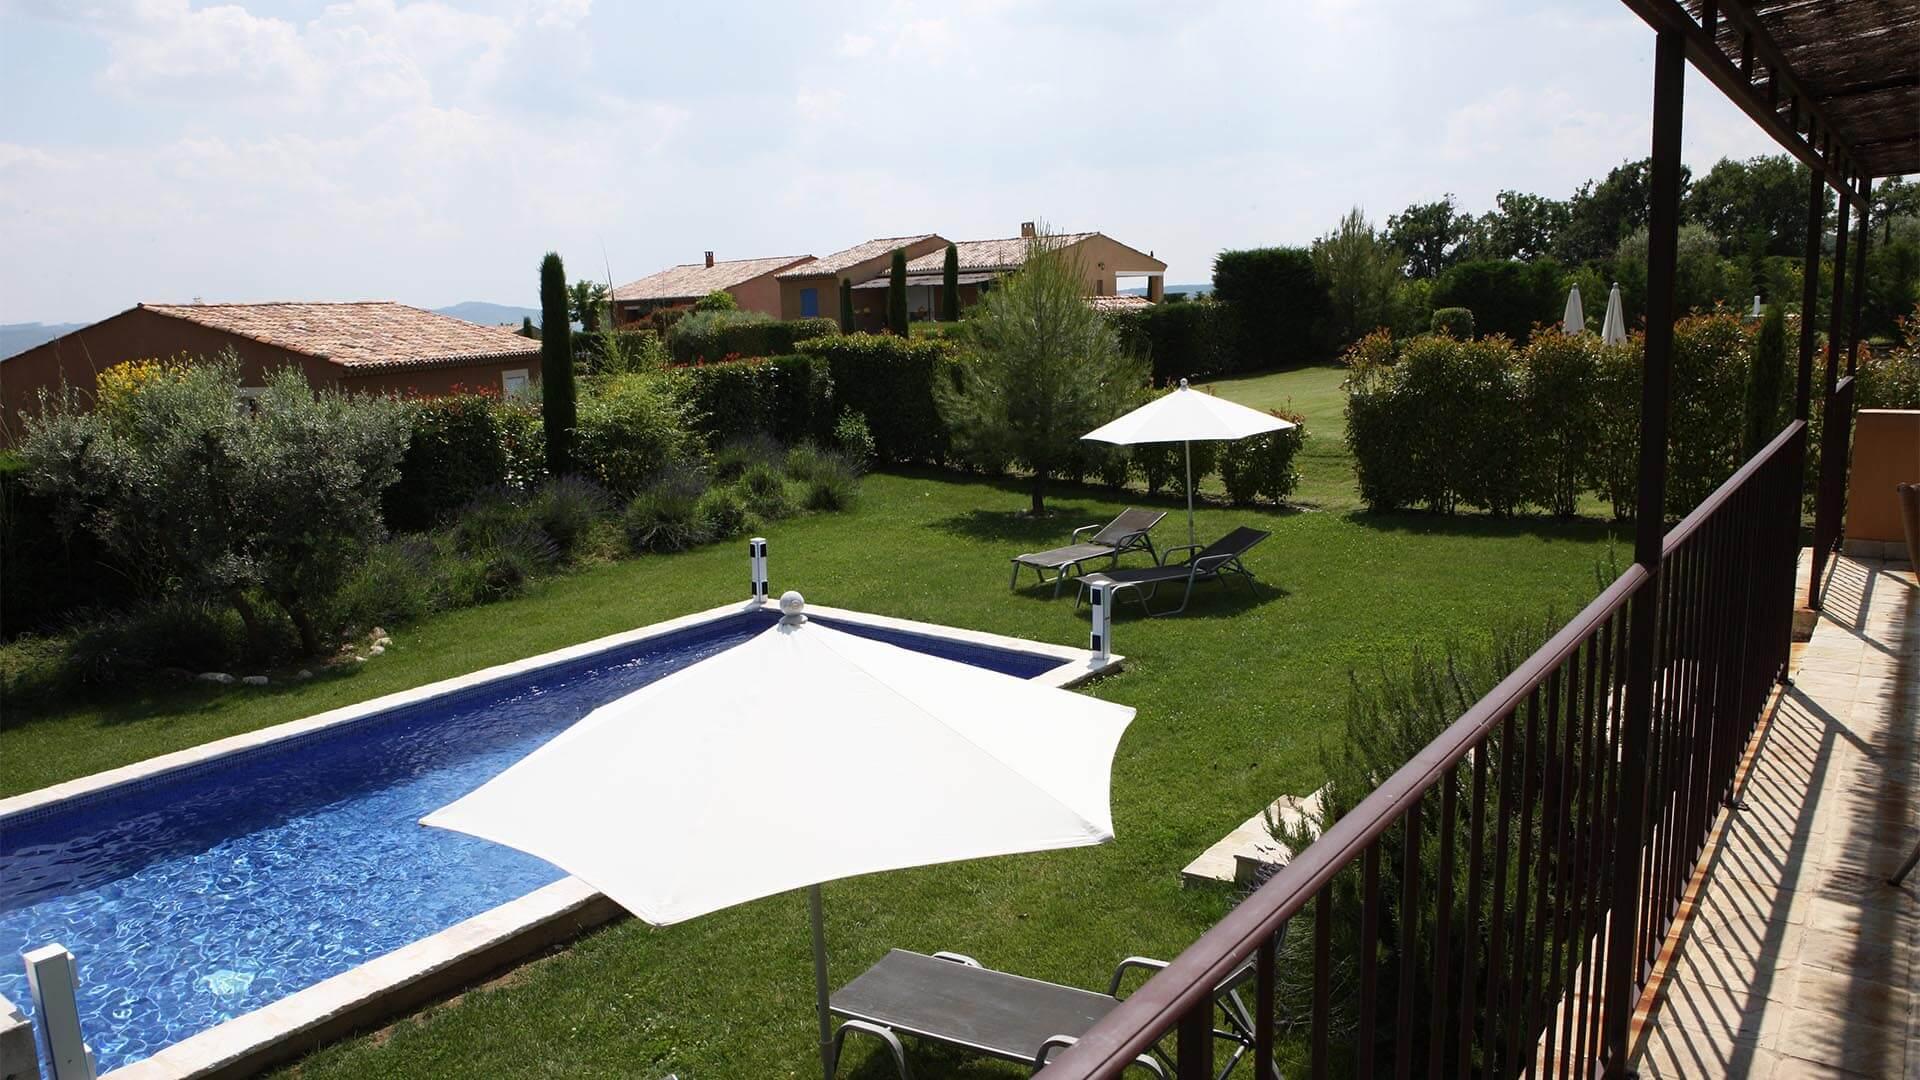 Villa à louer vacances Provence | Villa terre d'orange | Terrasse, jardin et piscine